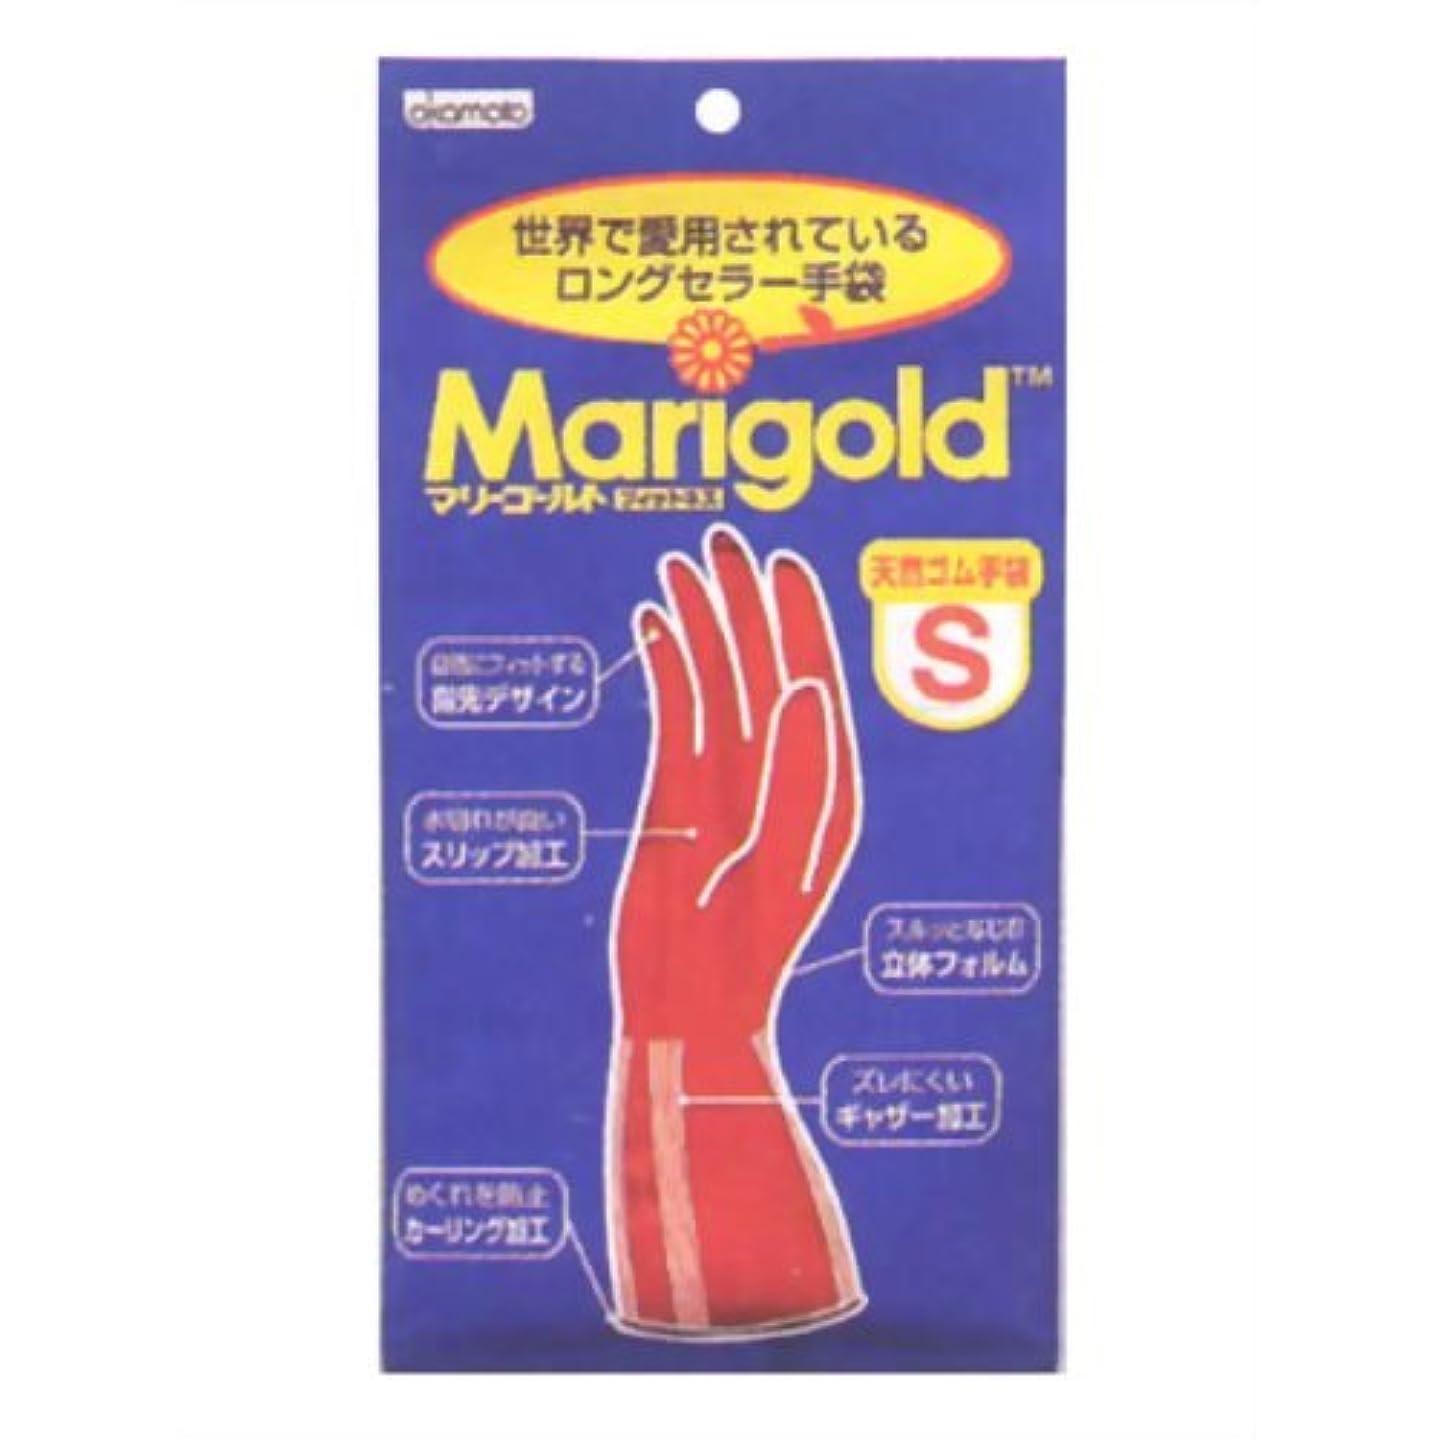 旅ダム優れたマリーゴールドSサイズ × 12個セット